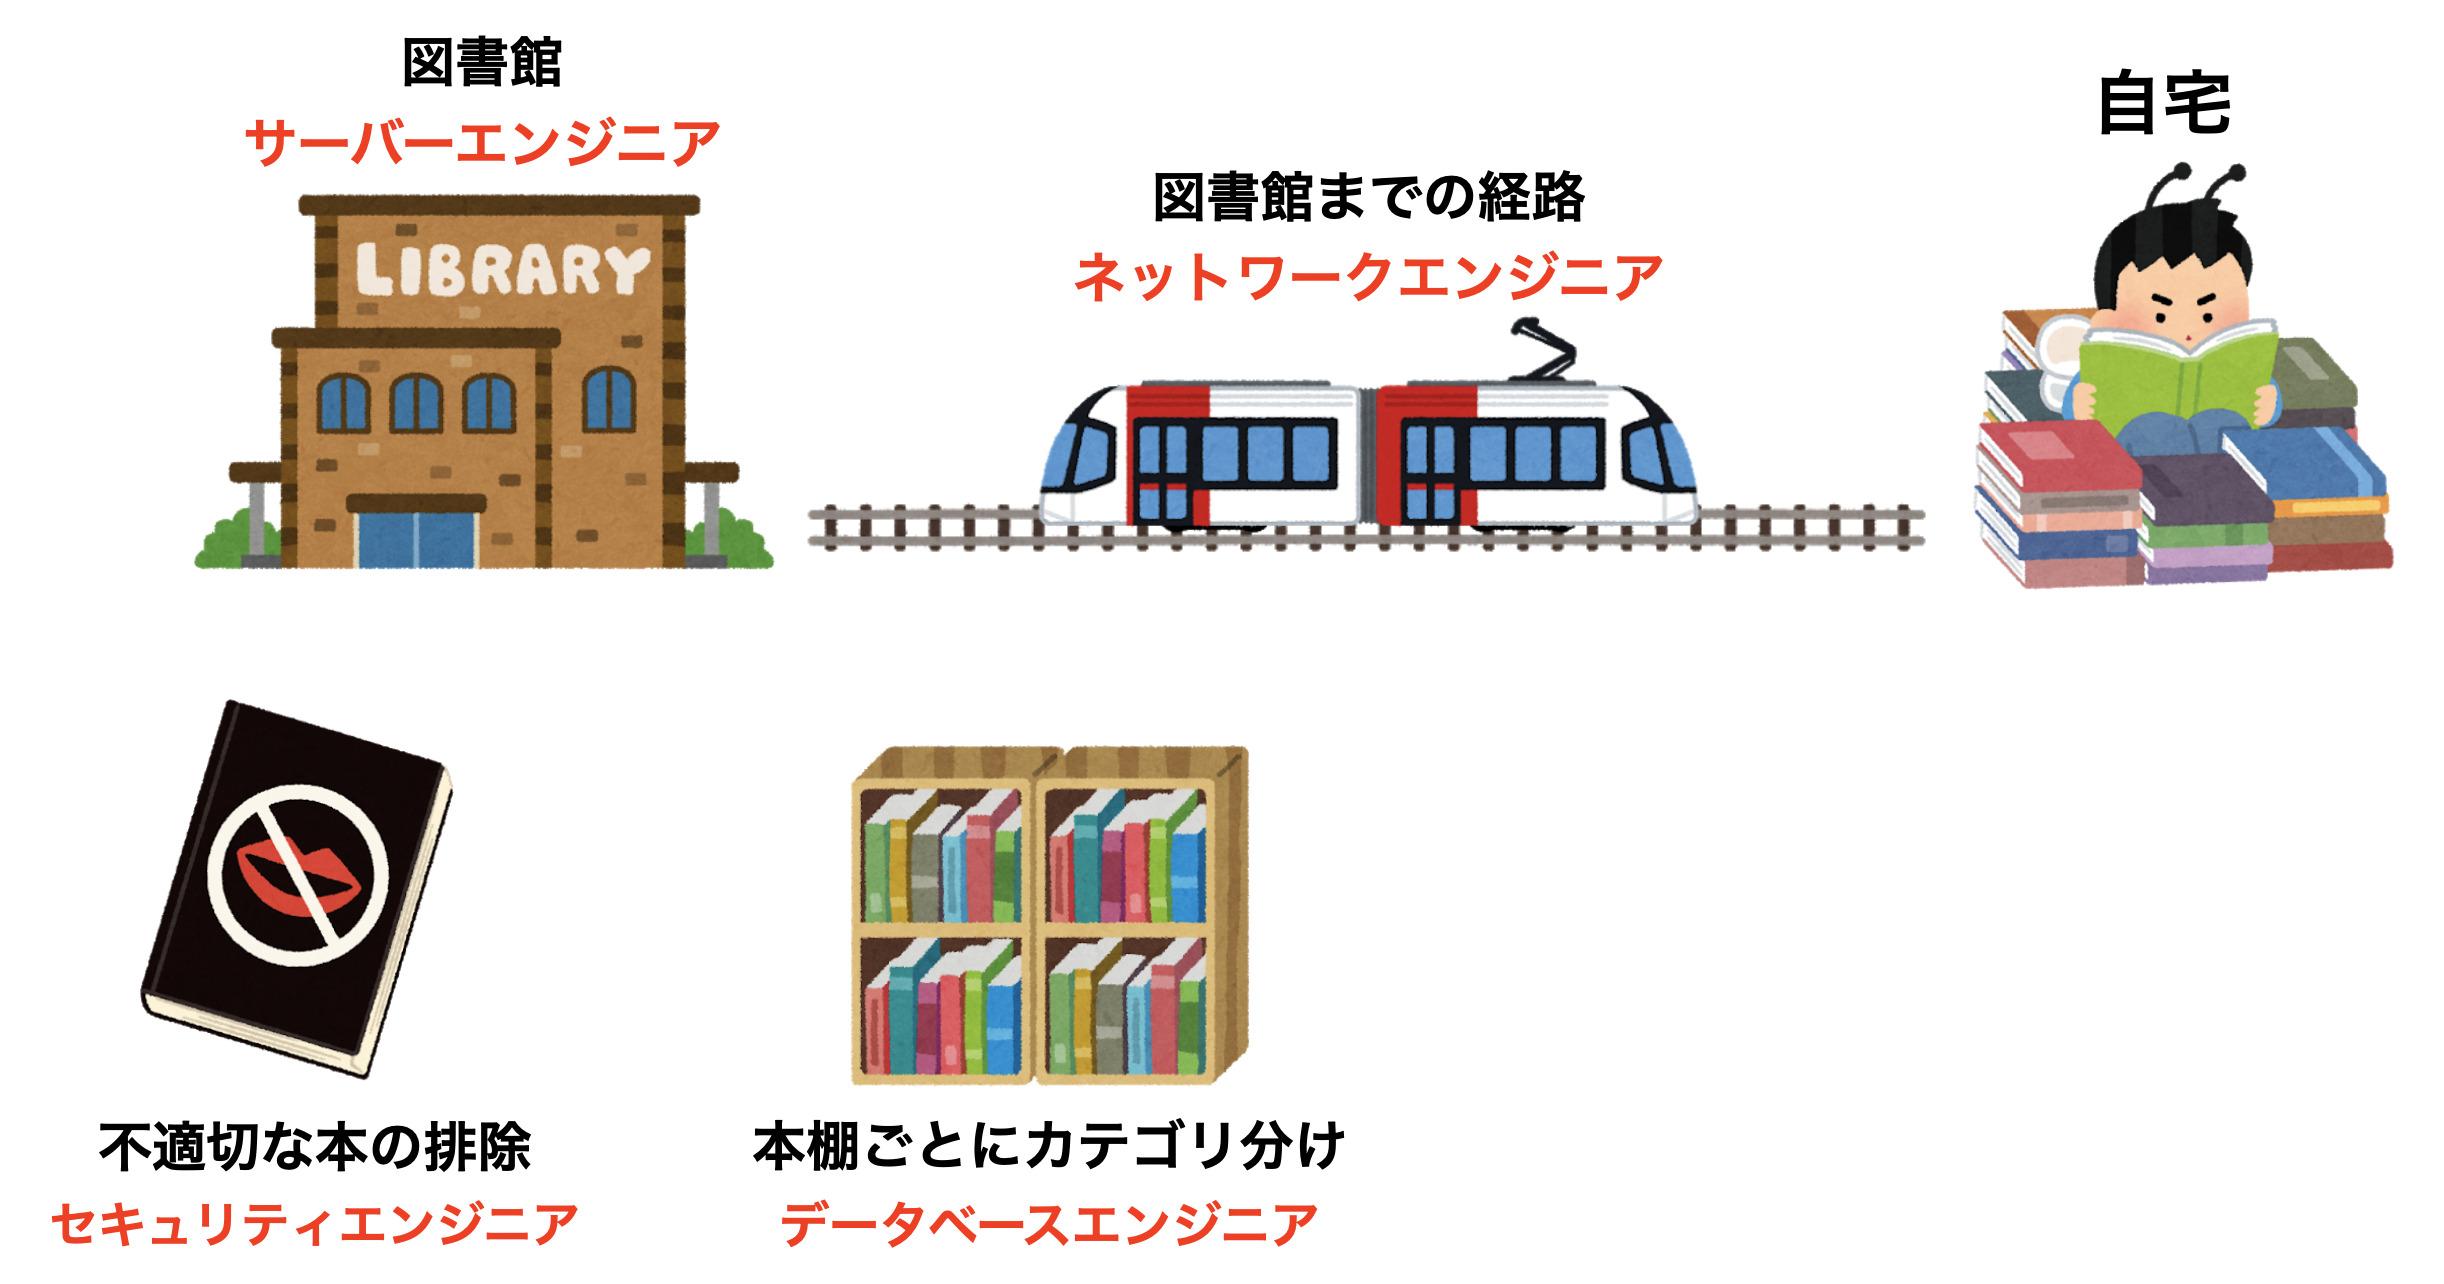 インフラエンジニアの4つの種類【図書館と似てます】